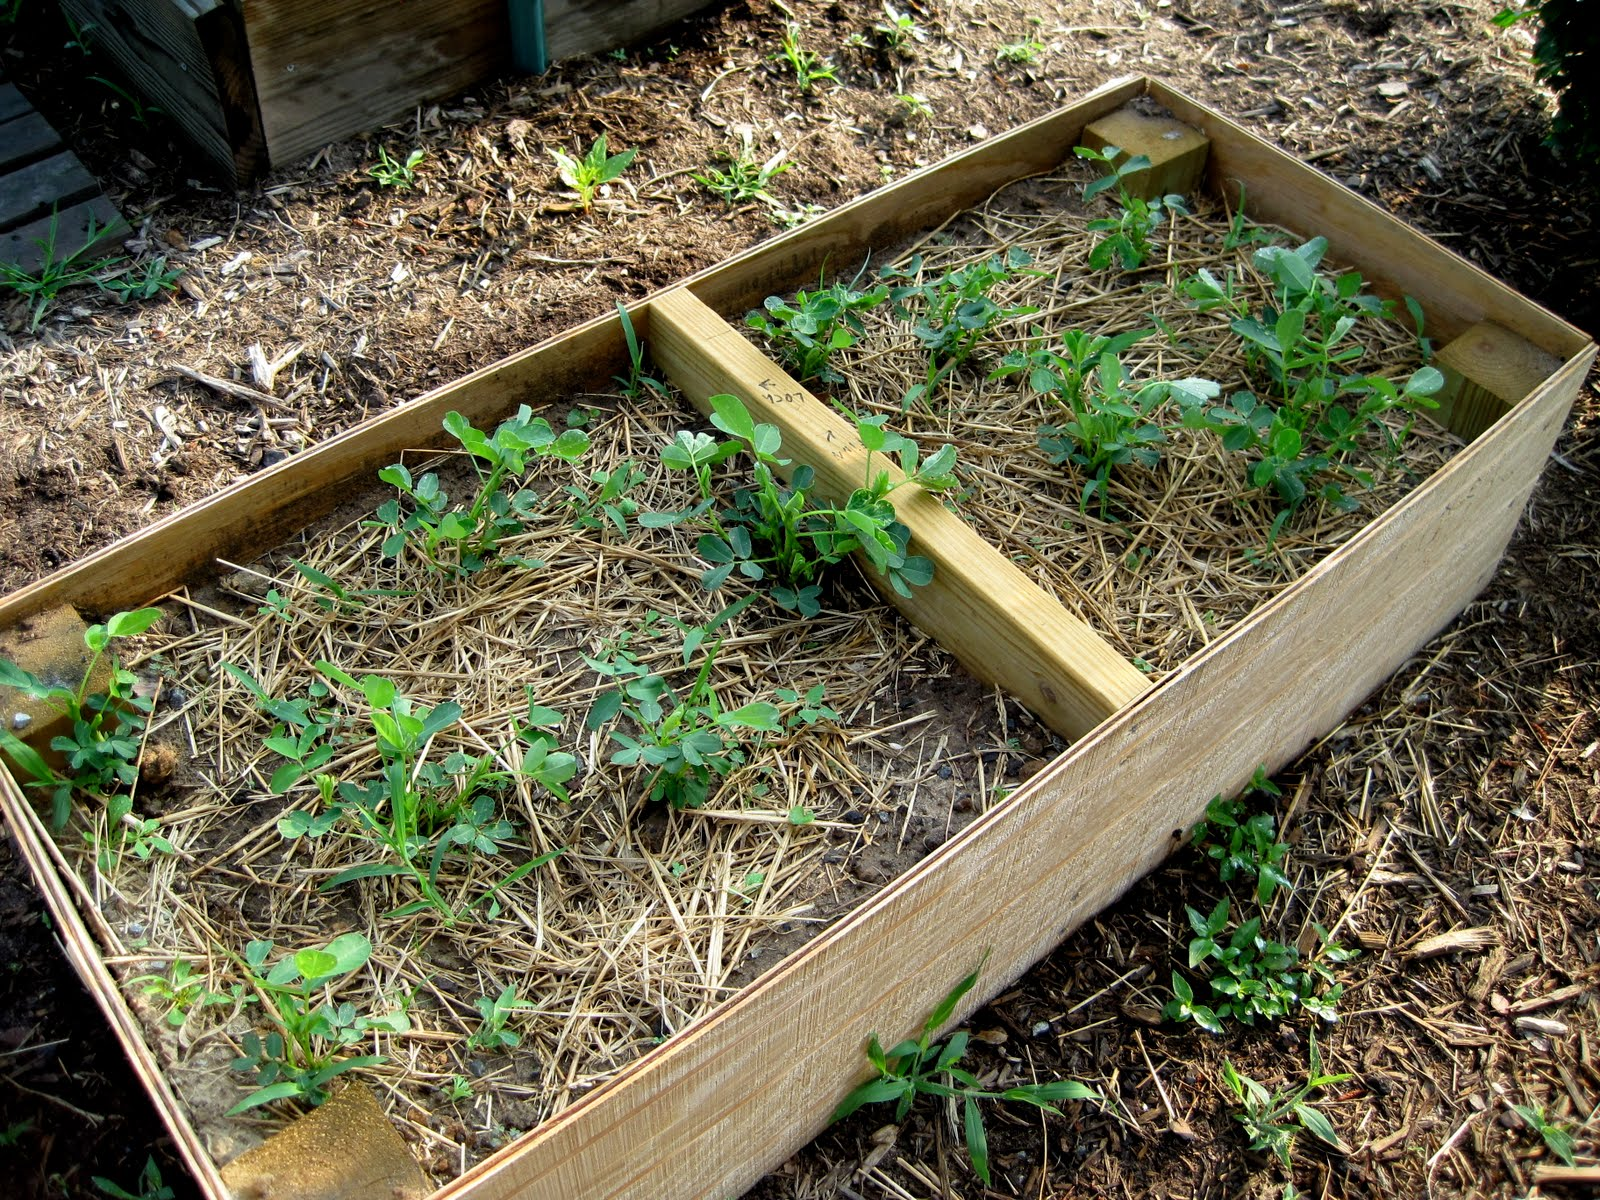 garden now - think later! : kinderGARDENS Week 8 Update - photo#44